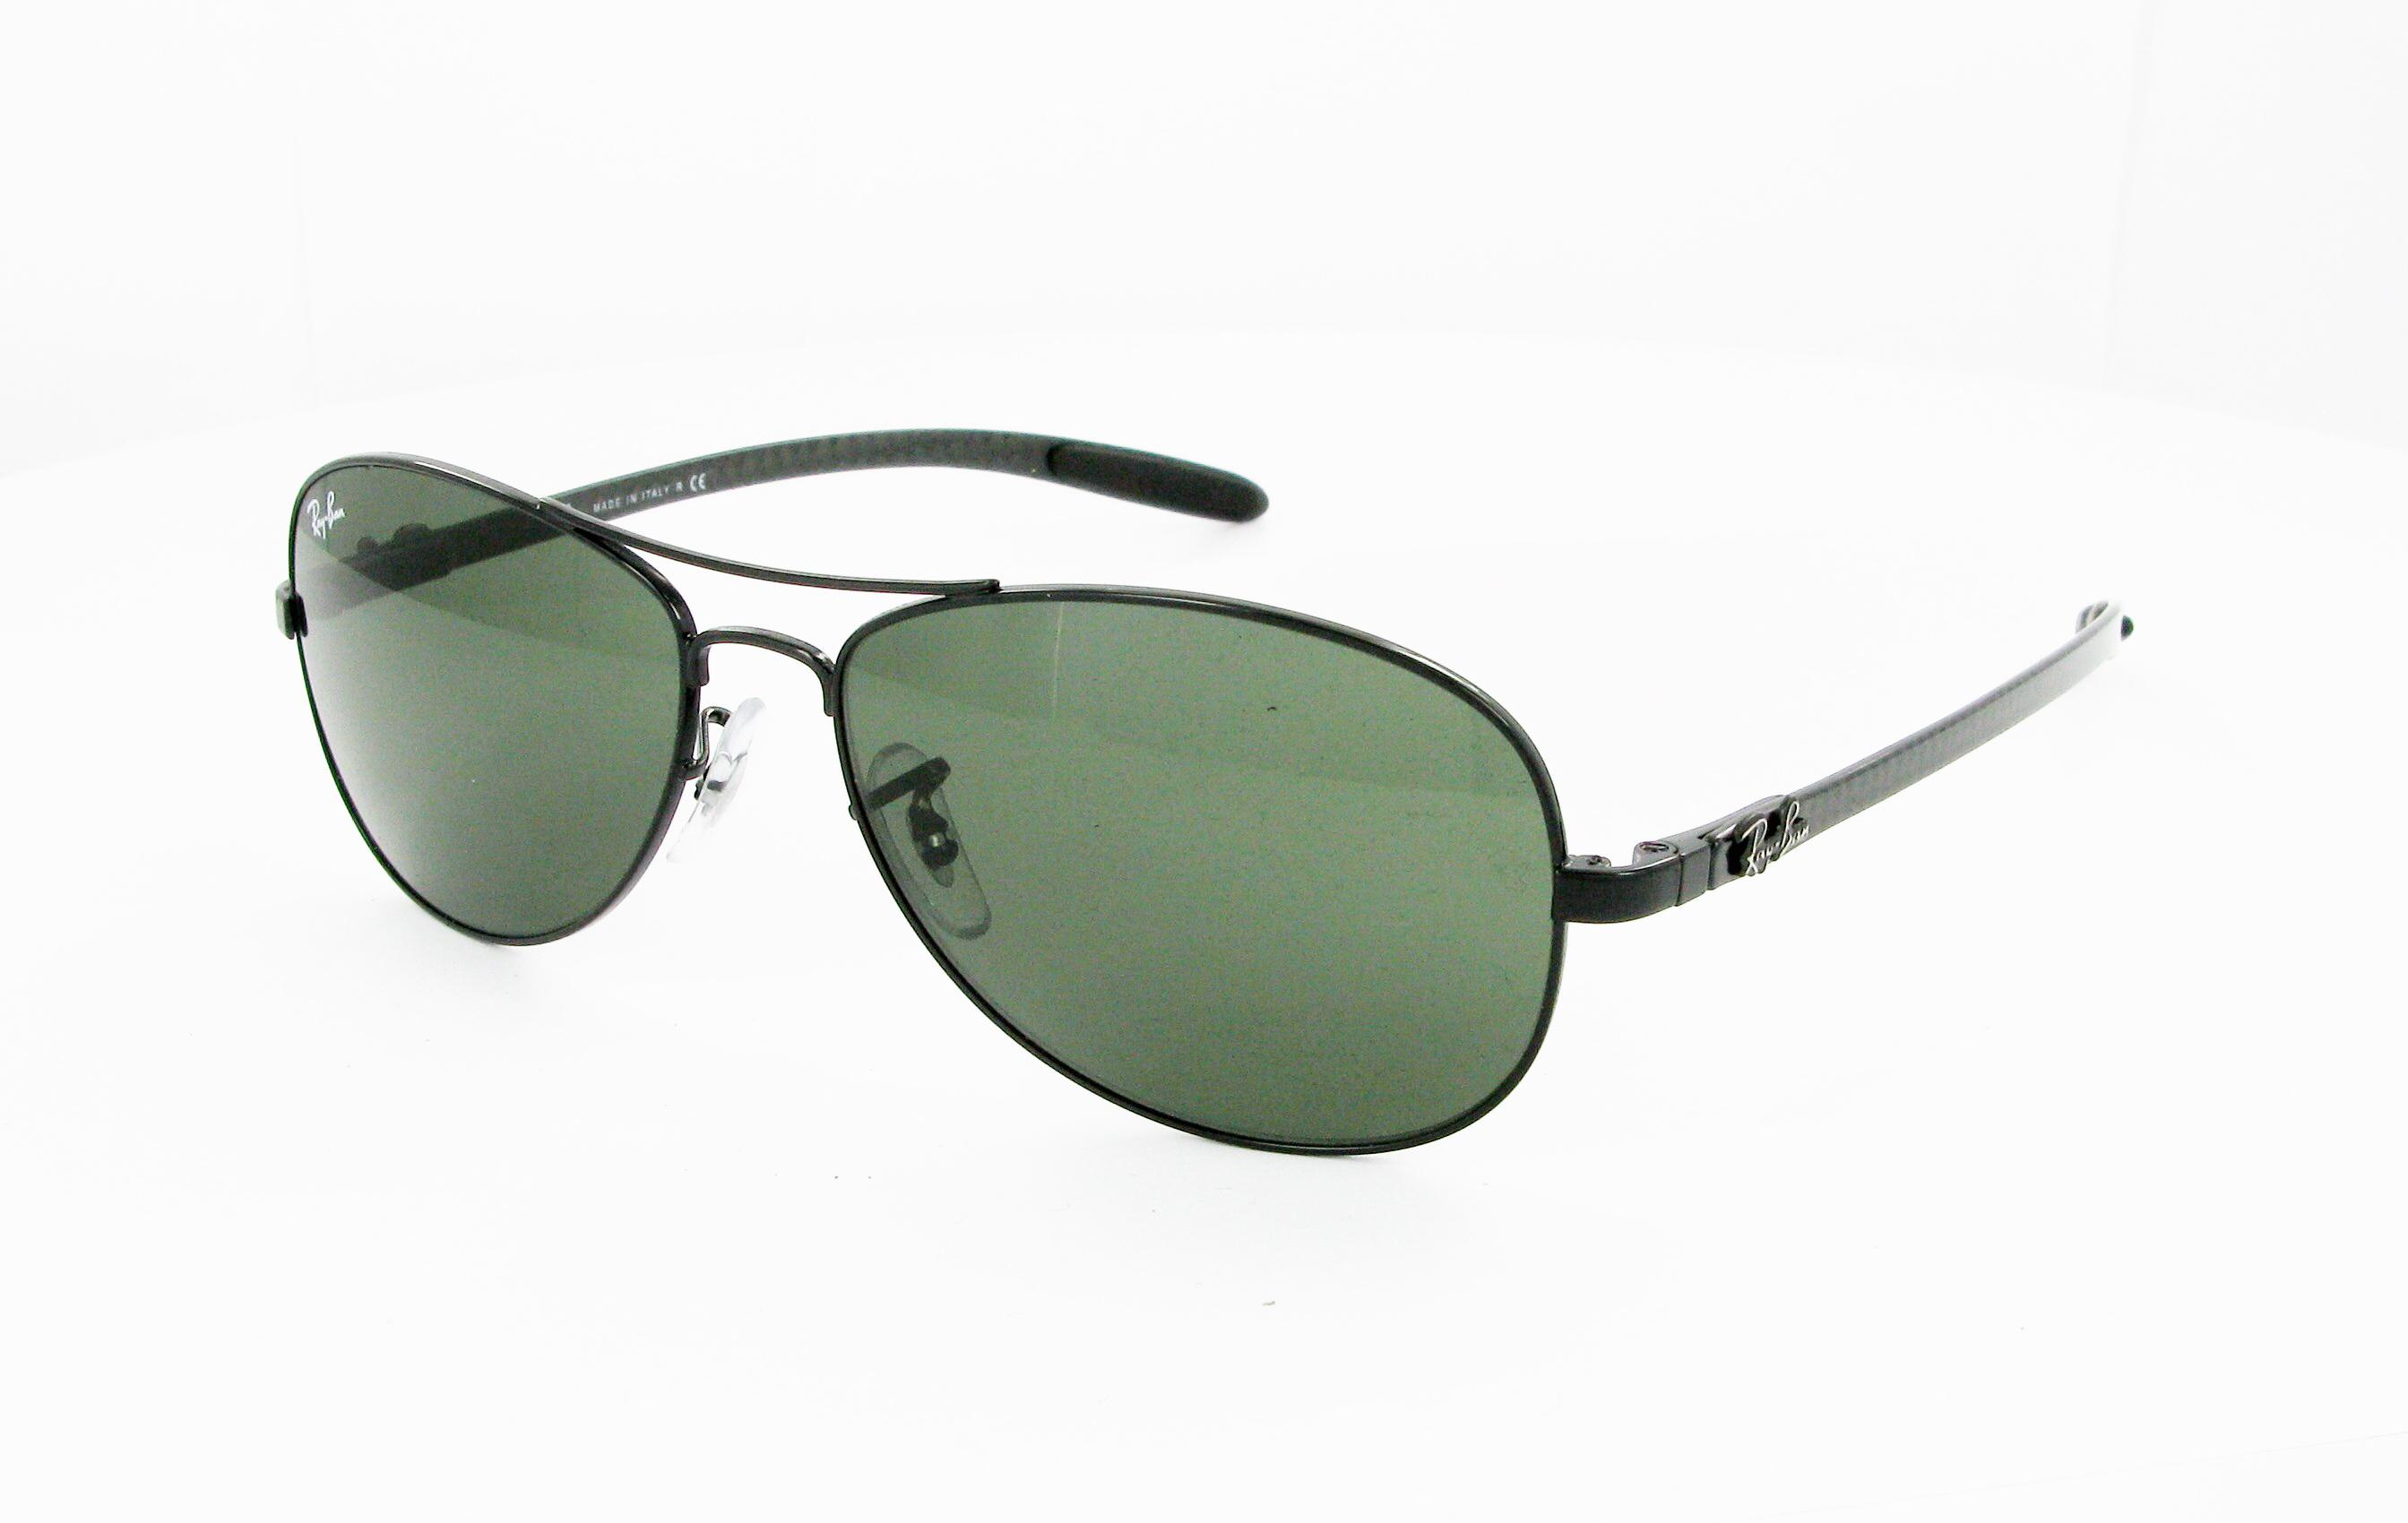 ray ban lunettes de soleil tech rb8301 argenté homme